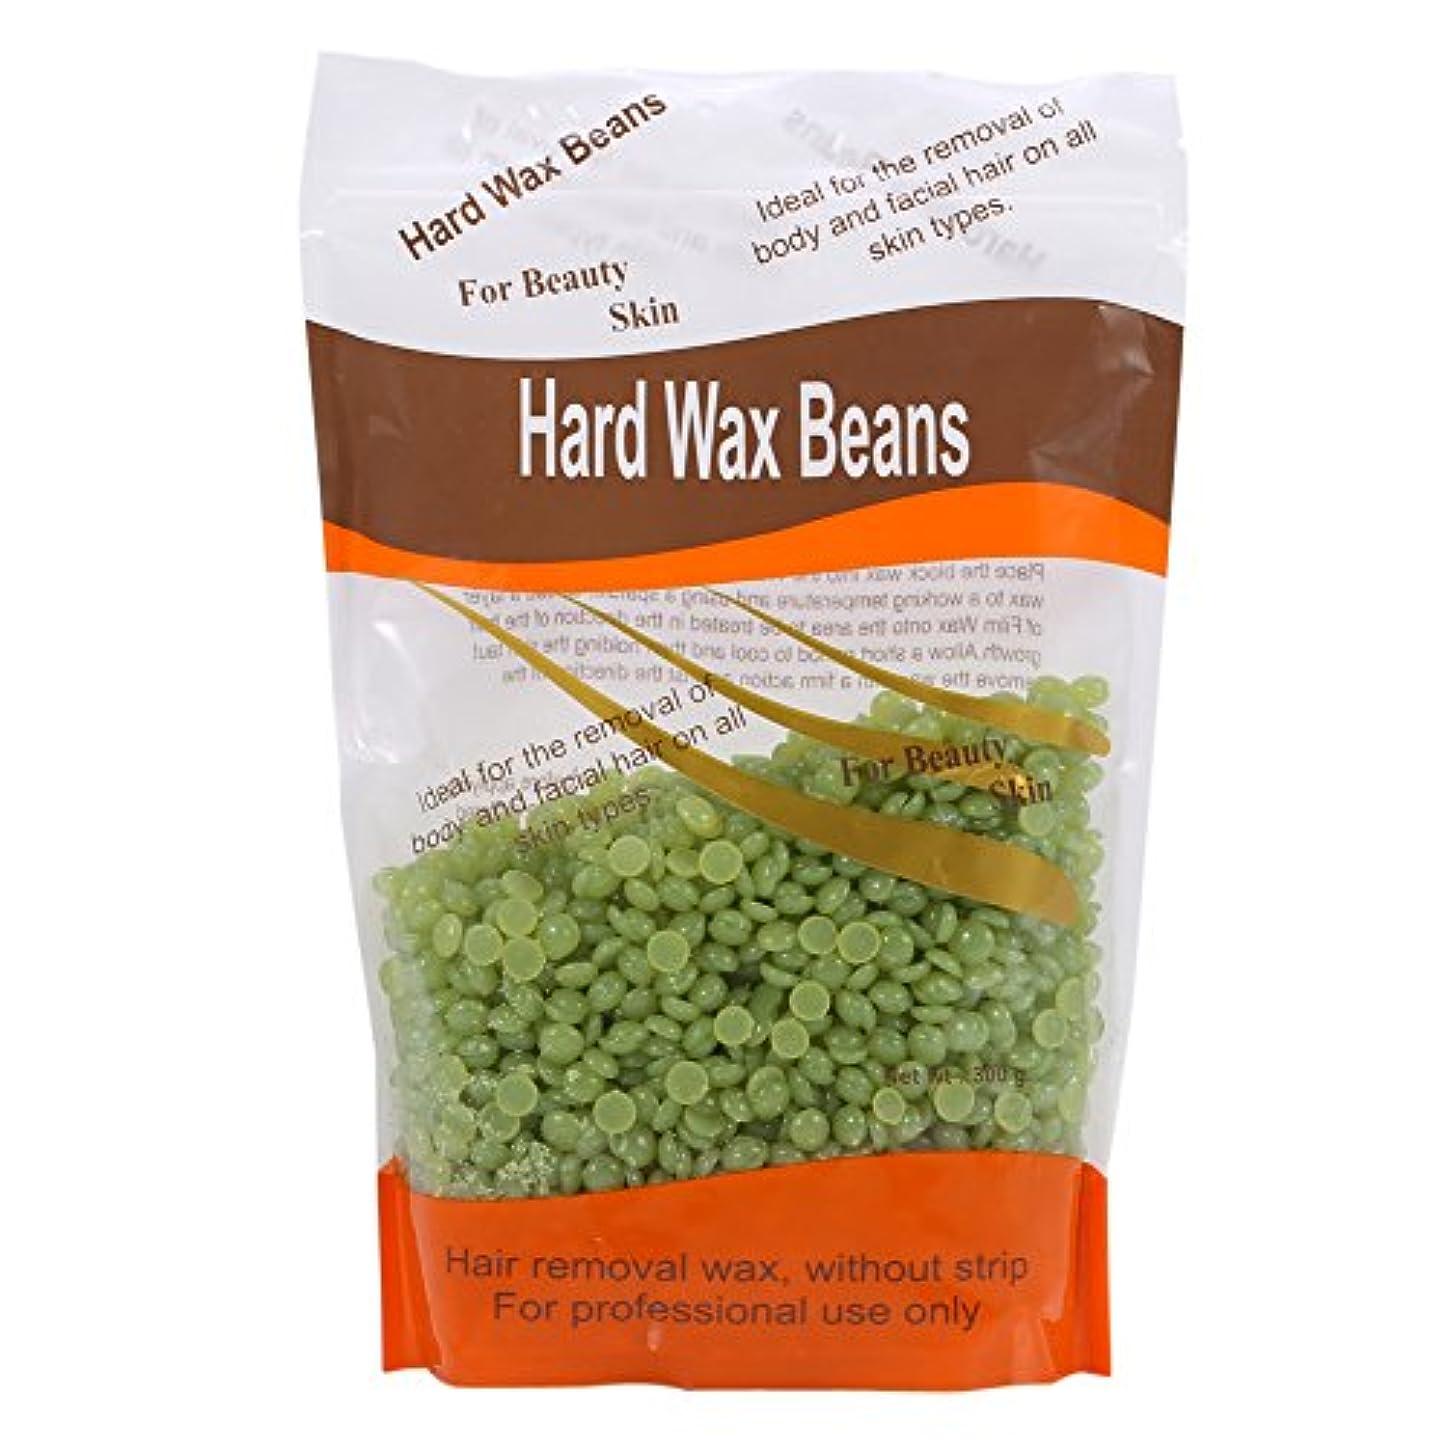 住人五消費Eboxer 脱毛ワックス 粒状ハード 天然 安全 健康 保湿 七つのにおいを選ぶことができ 体は魅力的な香りを発散させる(ティーツリー)